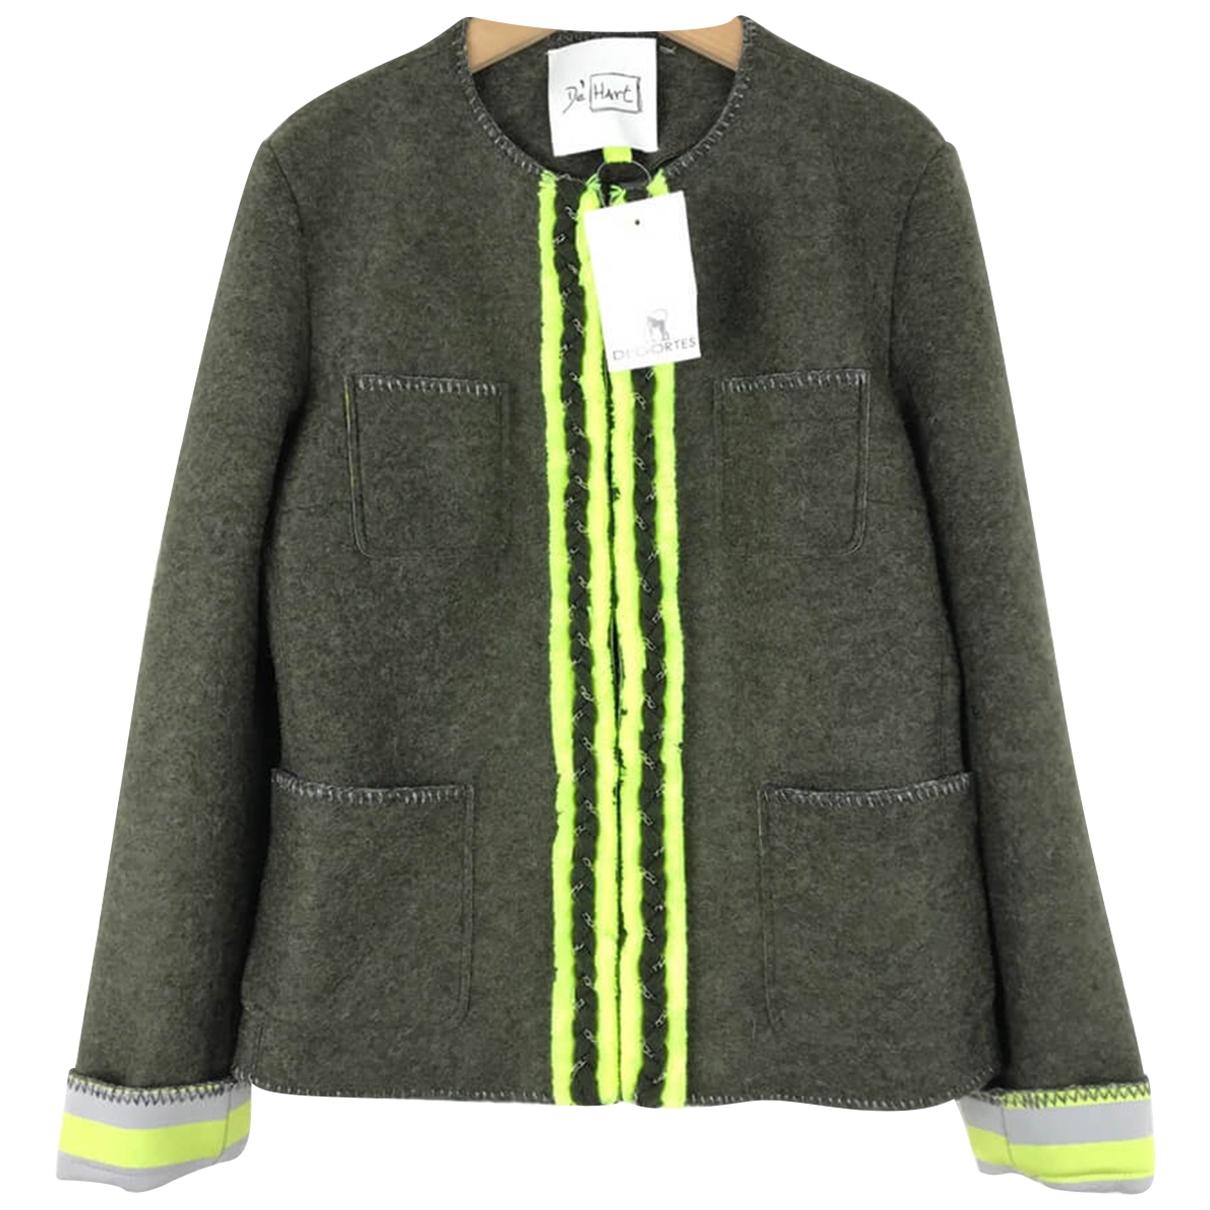 De Hart \N Jacke in  Gruen Wolle